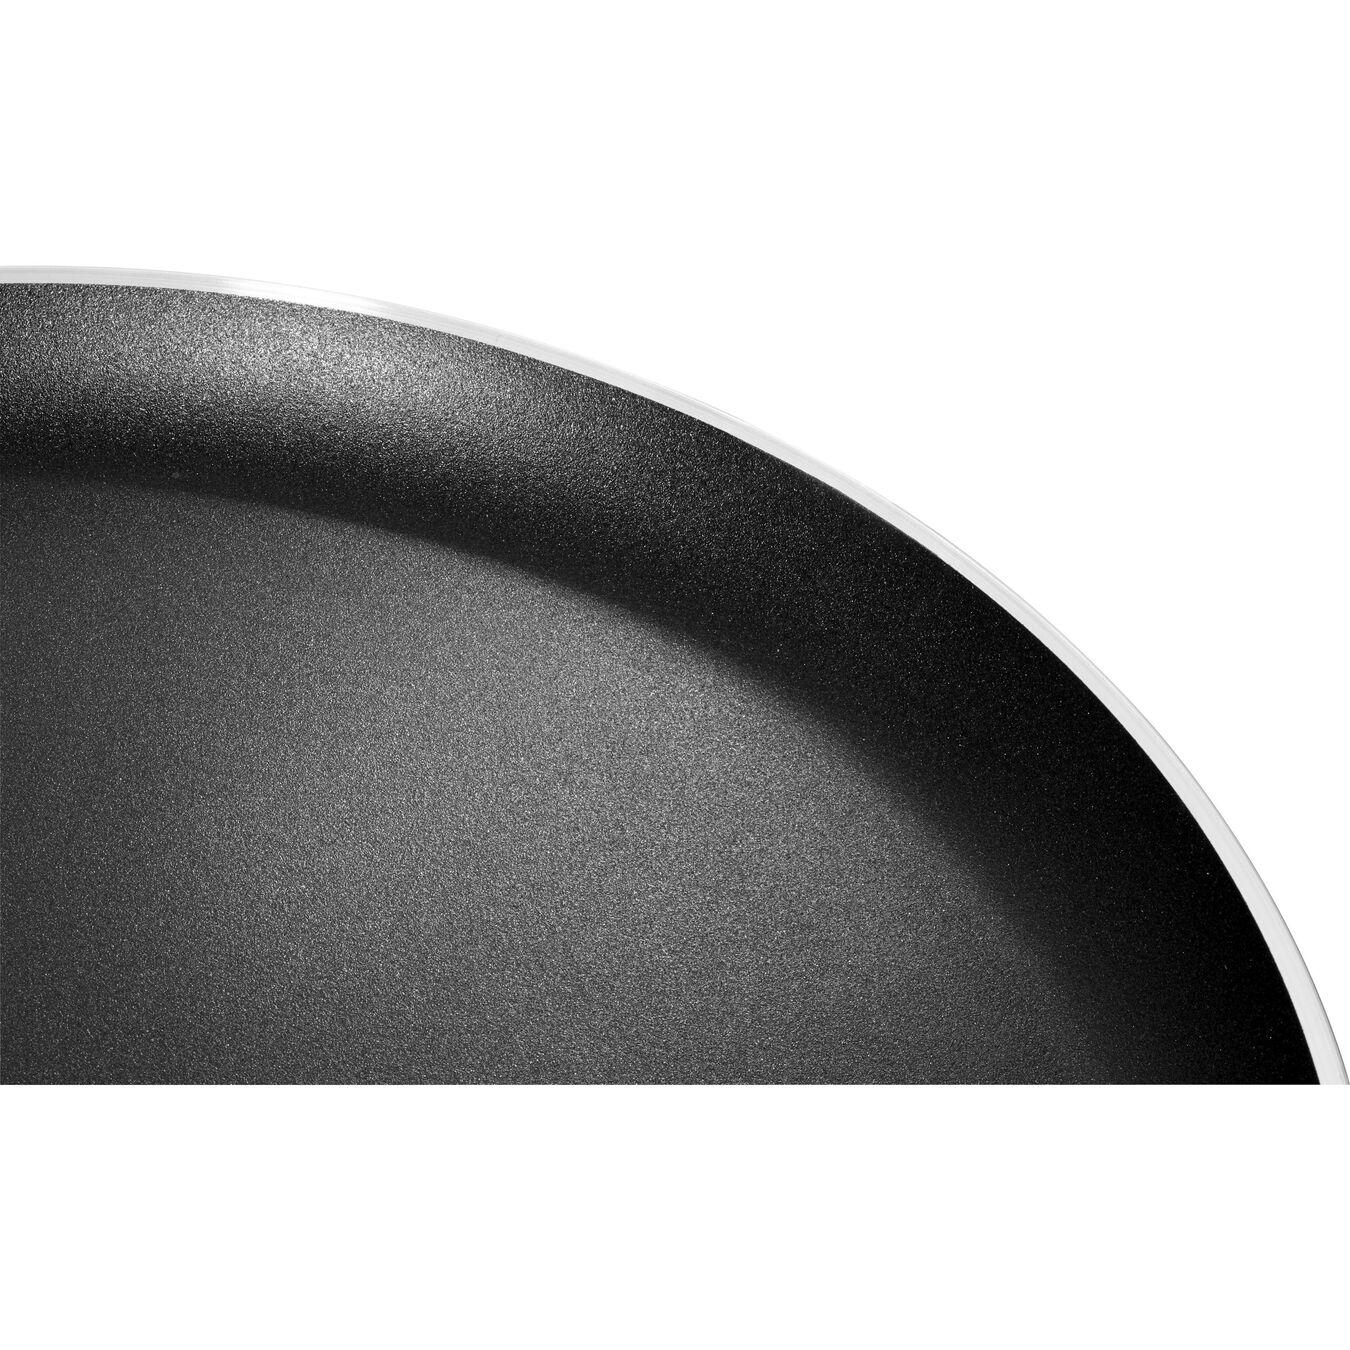 Crepiere - 25 cm, alluminio, Keravis,,large 6